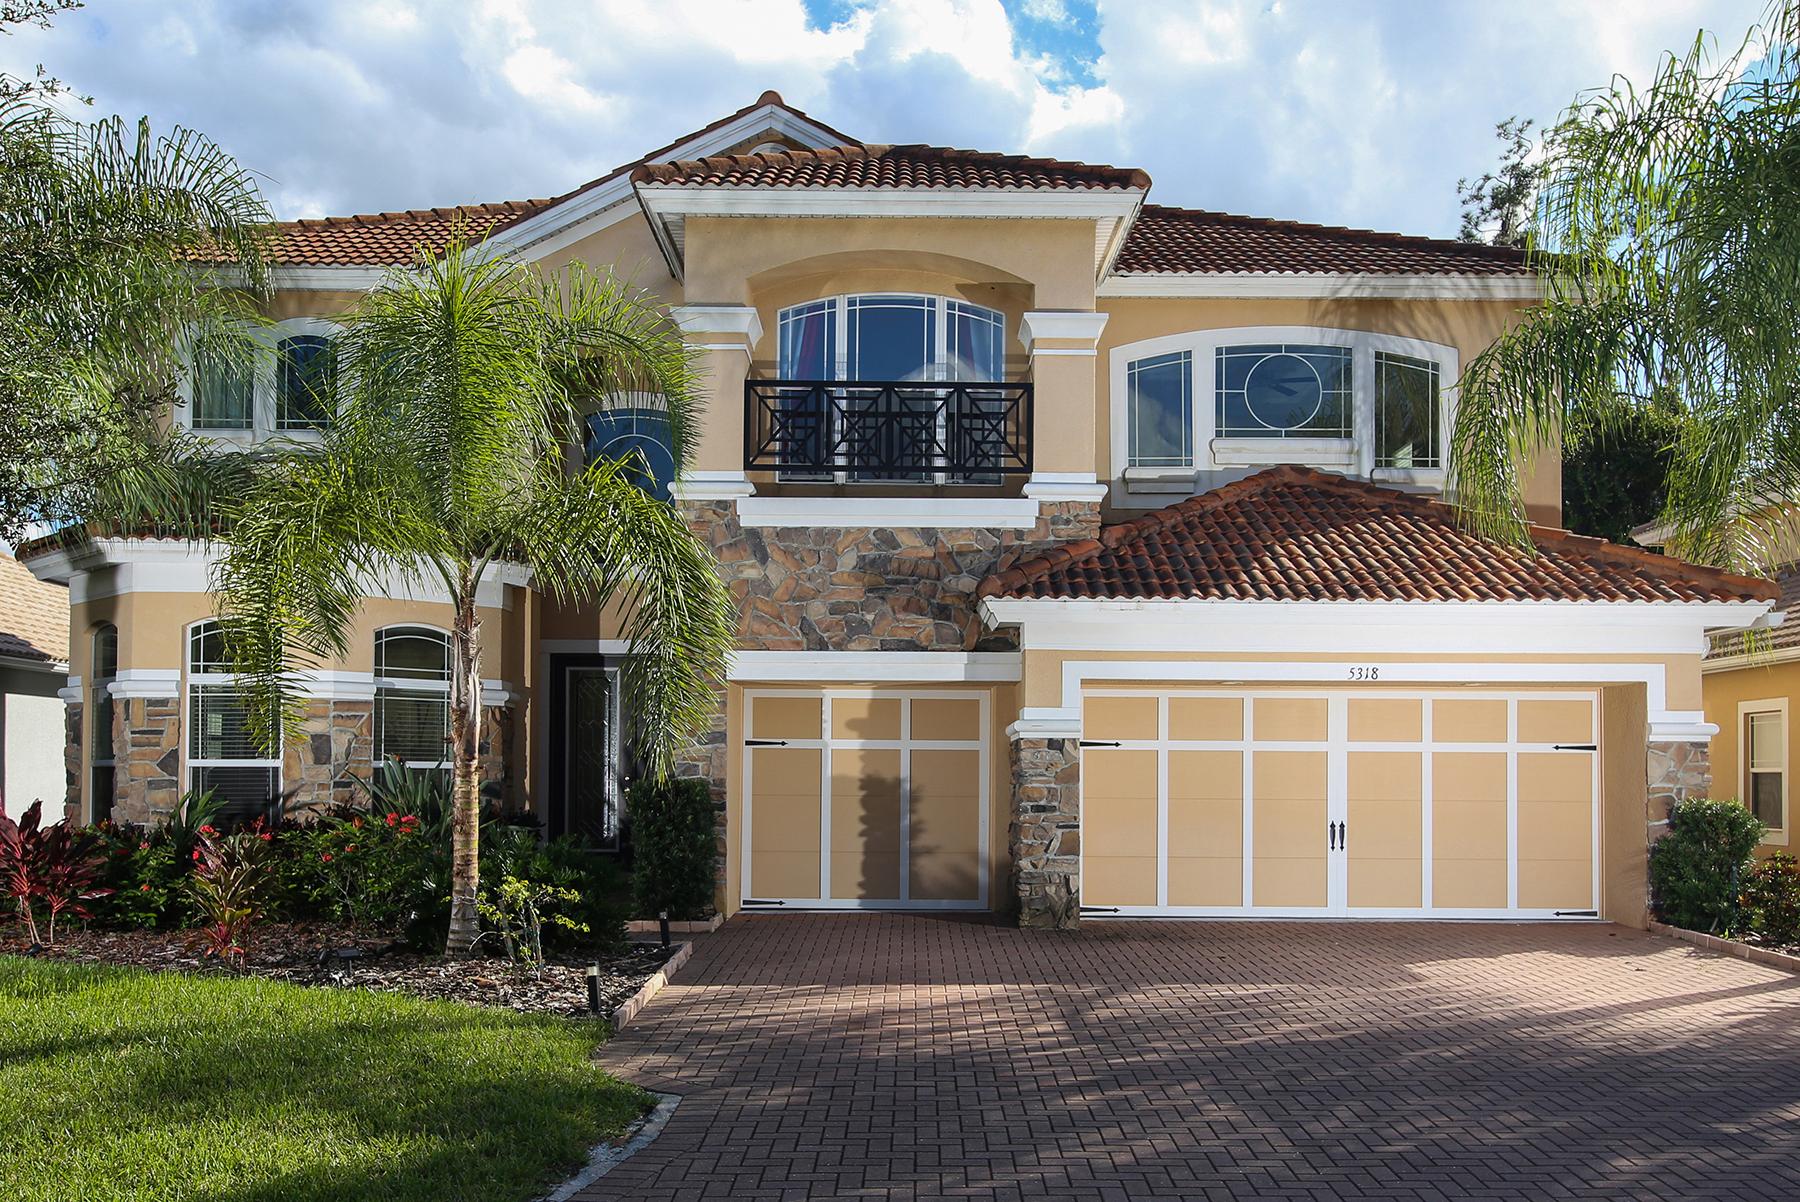 一戸建て のために 売買 アット SONOMA 5318 Napa Dr Sarasota, フロリダ, 34243 アメリカ合衆国